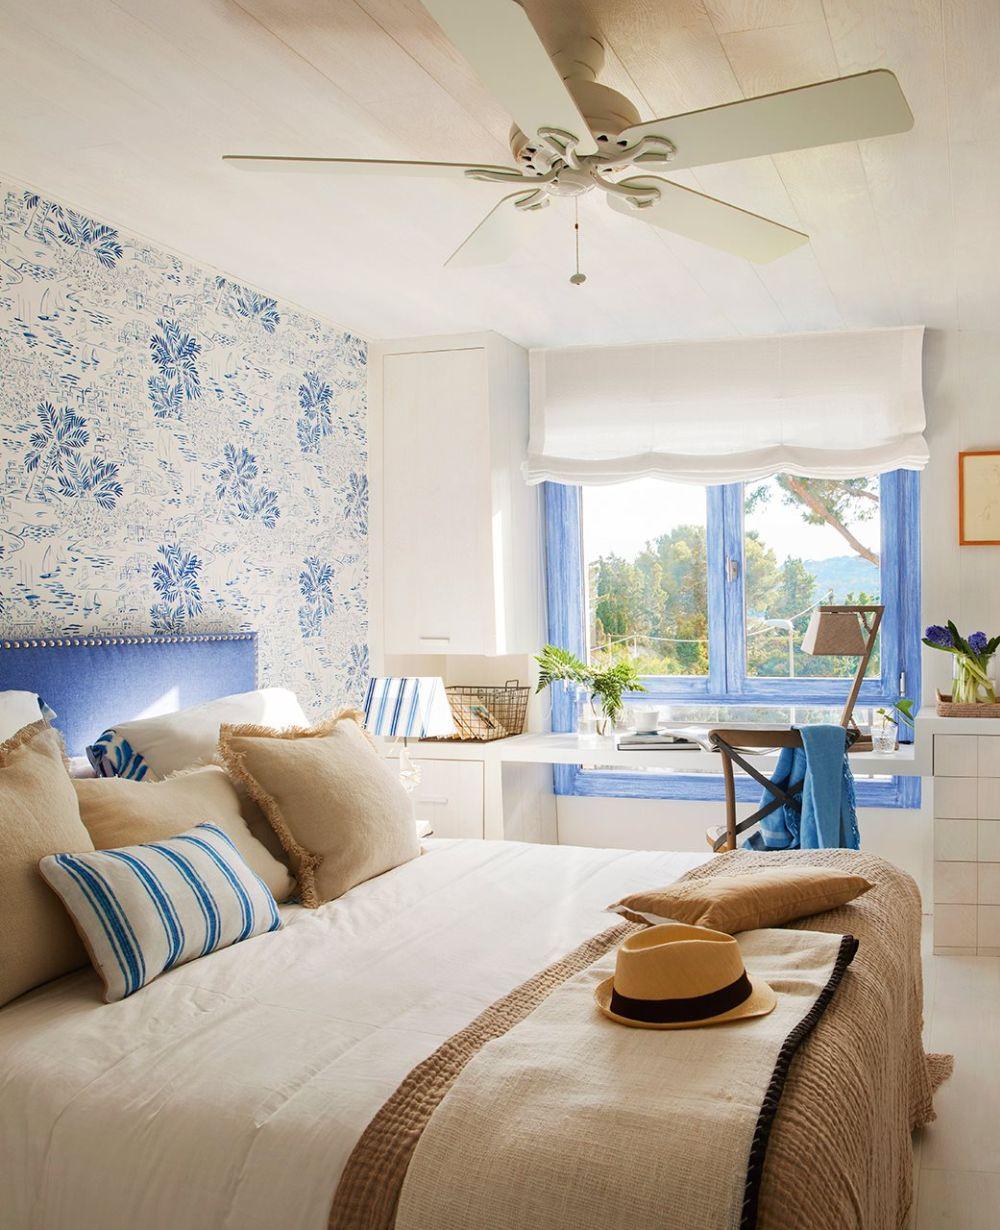 adelaparvu.com despre apartament 95 mp, Barcelona, designer Gemma Gallego, Foto ElMueble, Pepa Oromi (9)